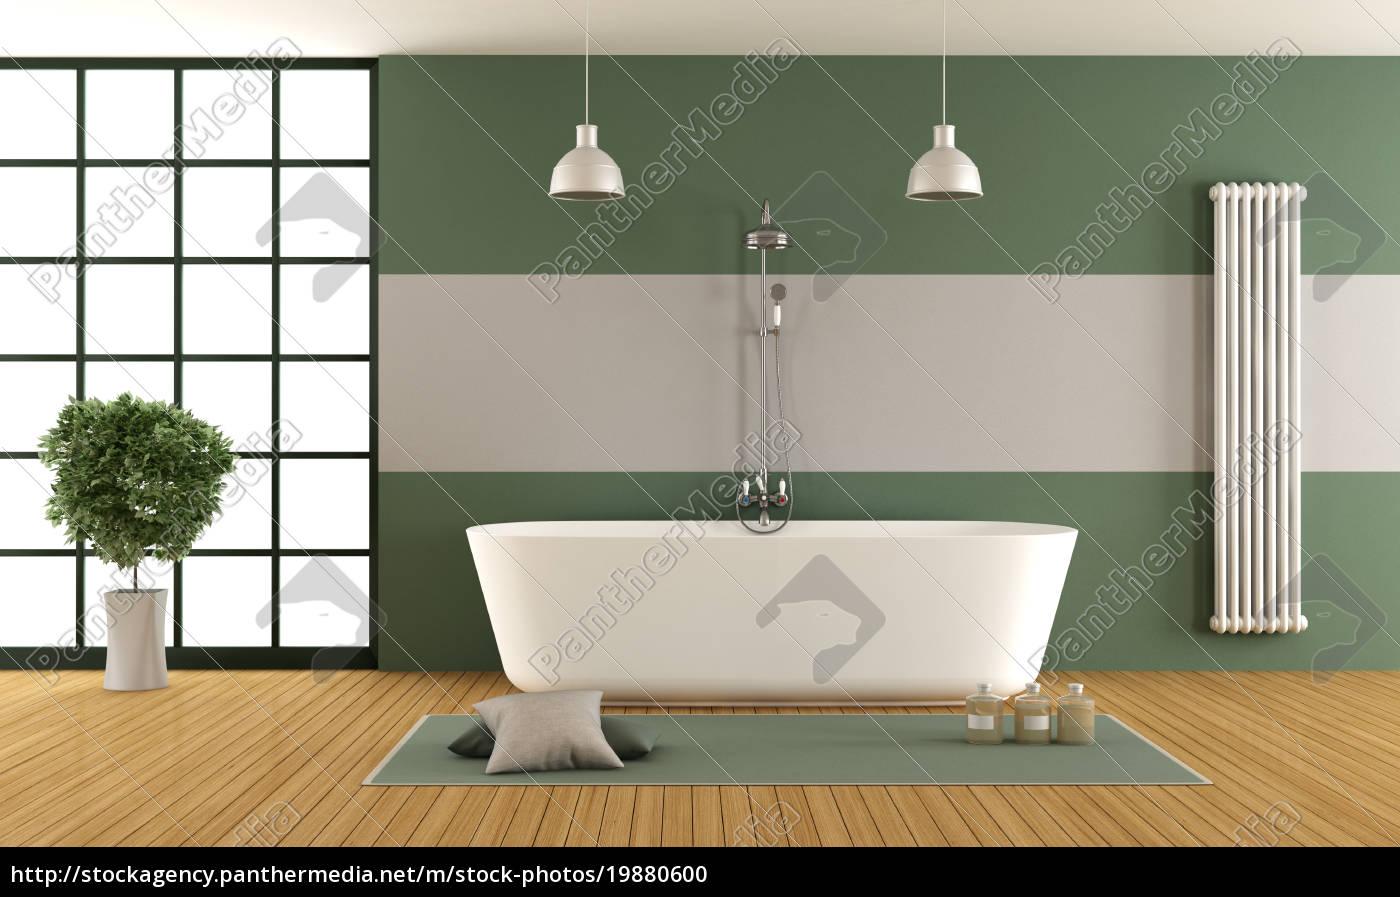 Lizenzfreies Foto 19880600 - zeitgenössisches grünes und graues badezimmer